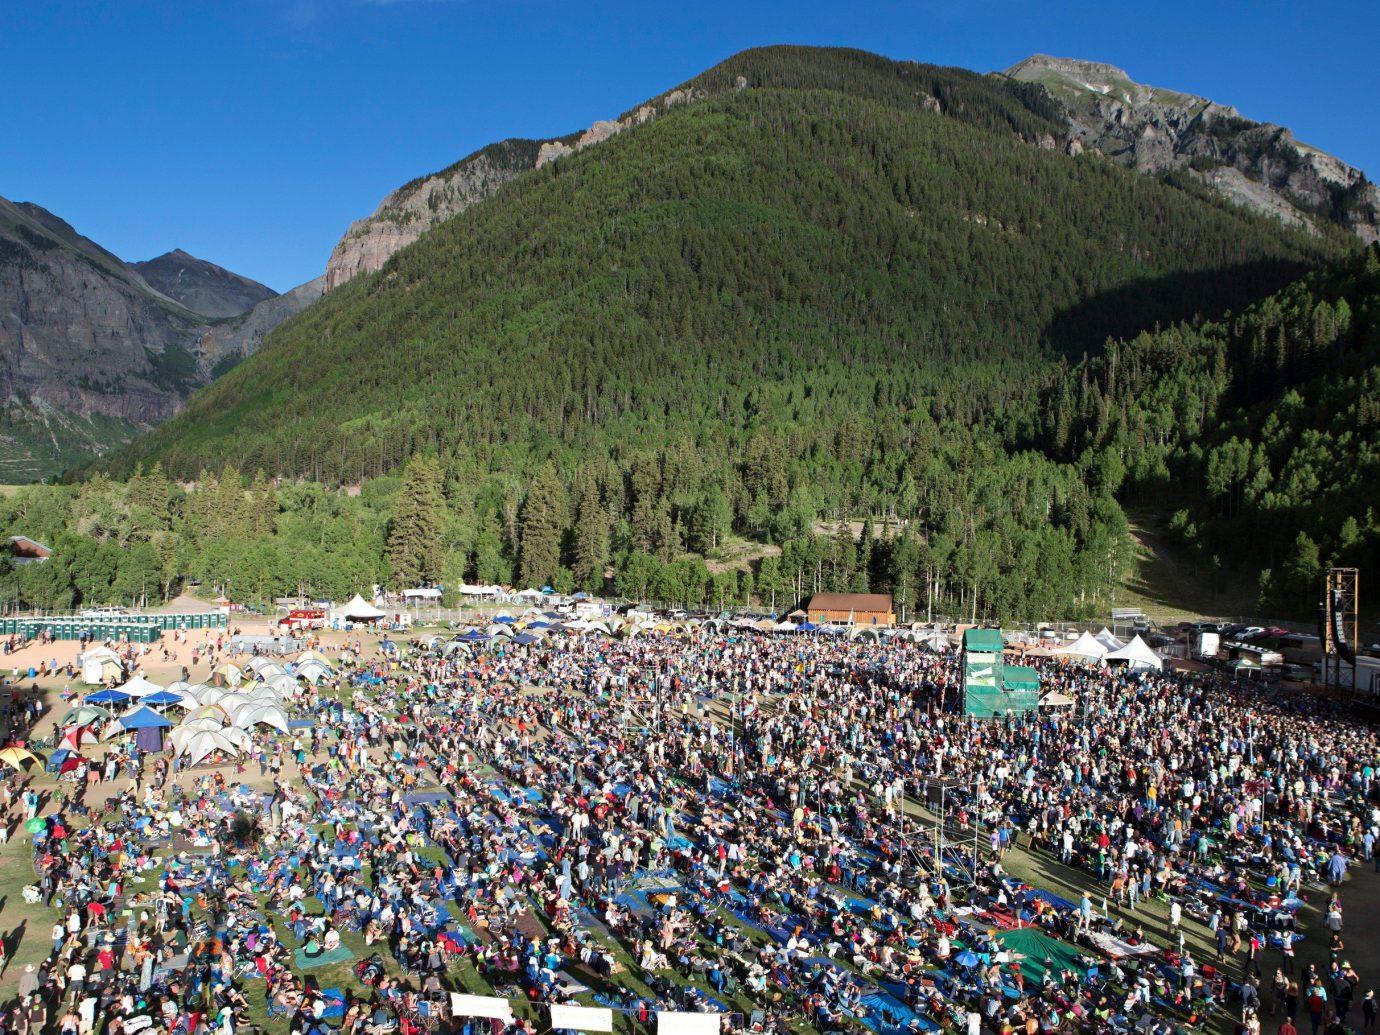 Trip Ideas outdoor mountain sky people tourism mountain range crowd